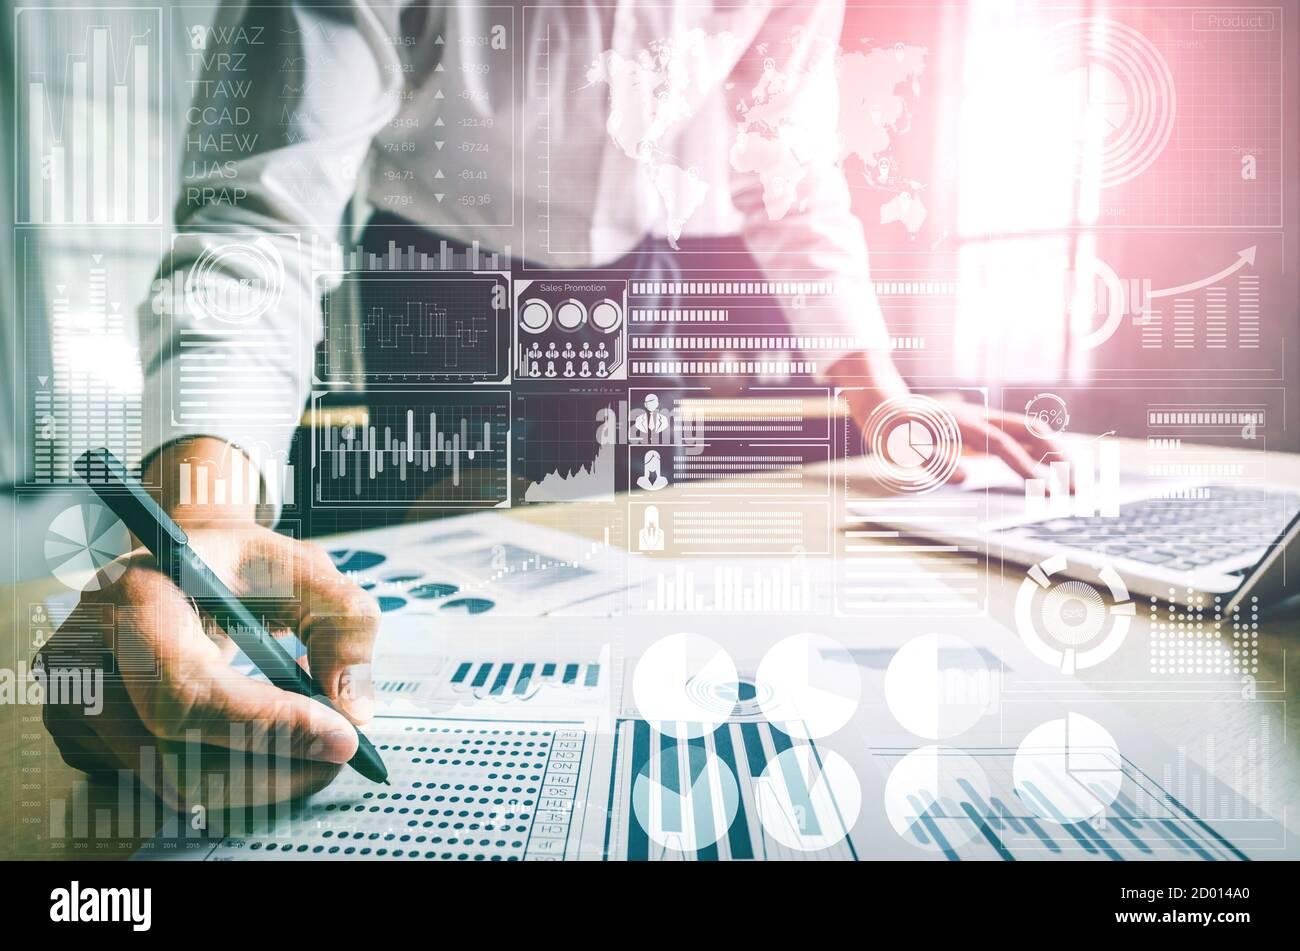 Analyse der Daten für Business und Finanzen Konzept. Grafische Benutzeroberfläche zeigt Zukunft Computer Technologie der Gewinn analytische, online Marketing Forschung und Stockfoto